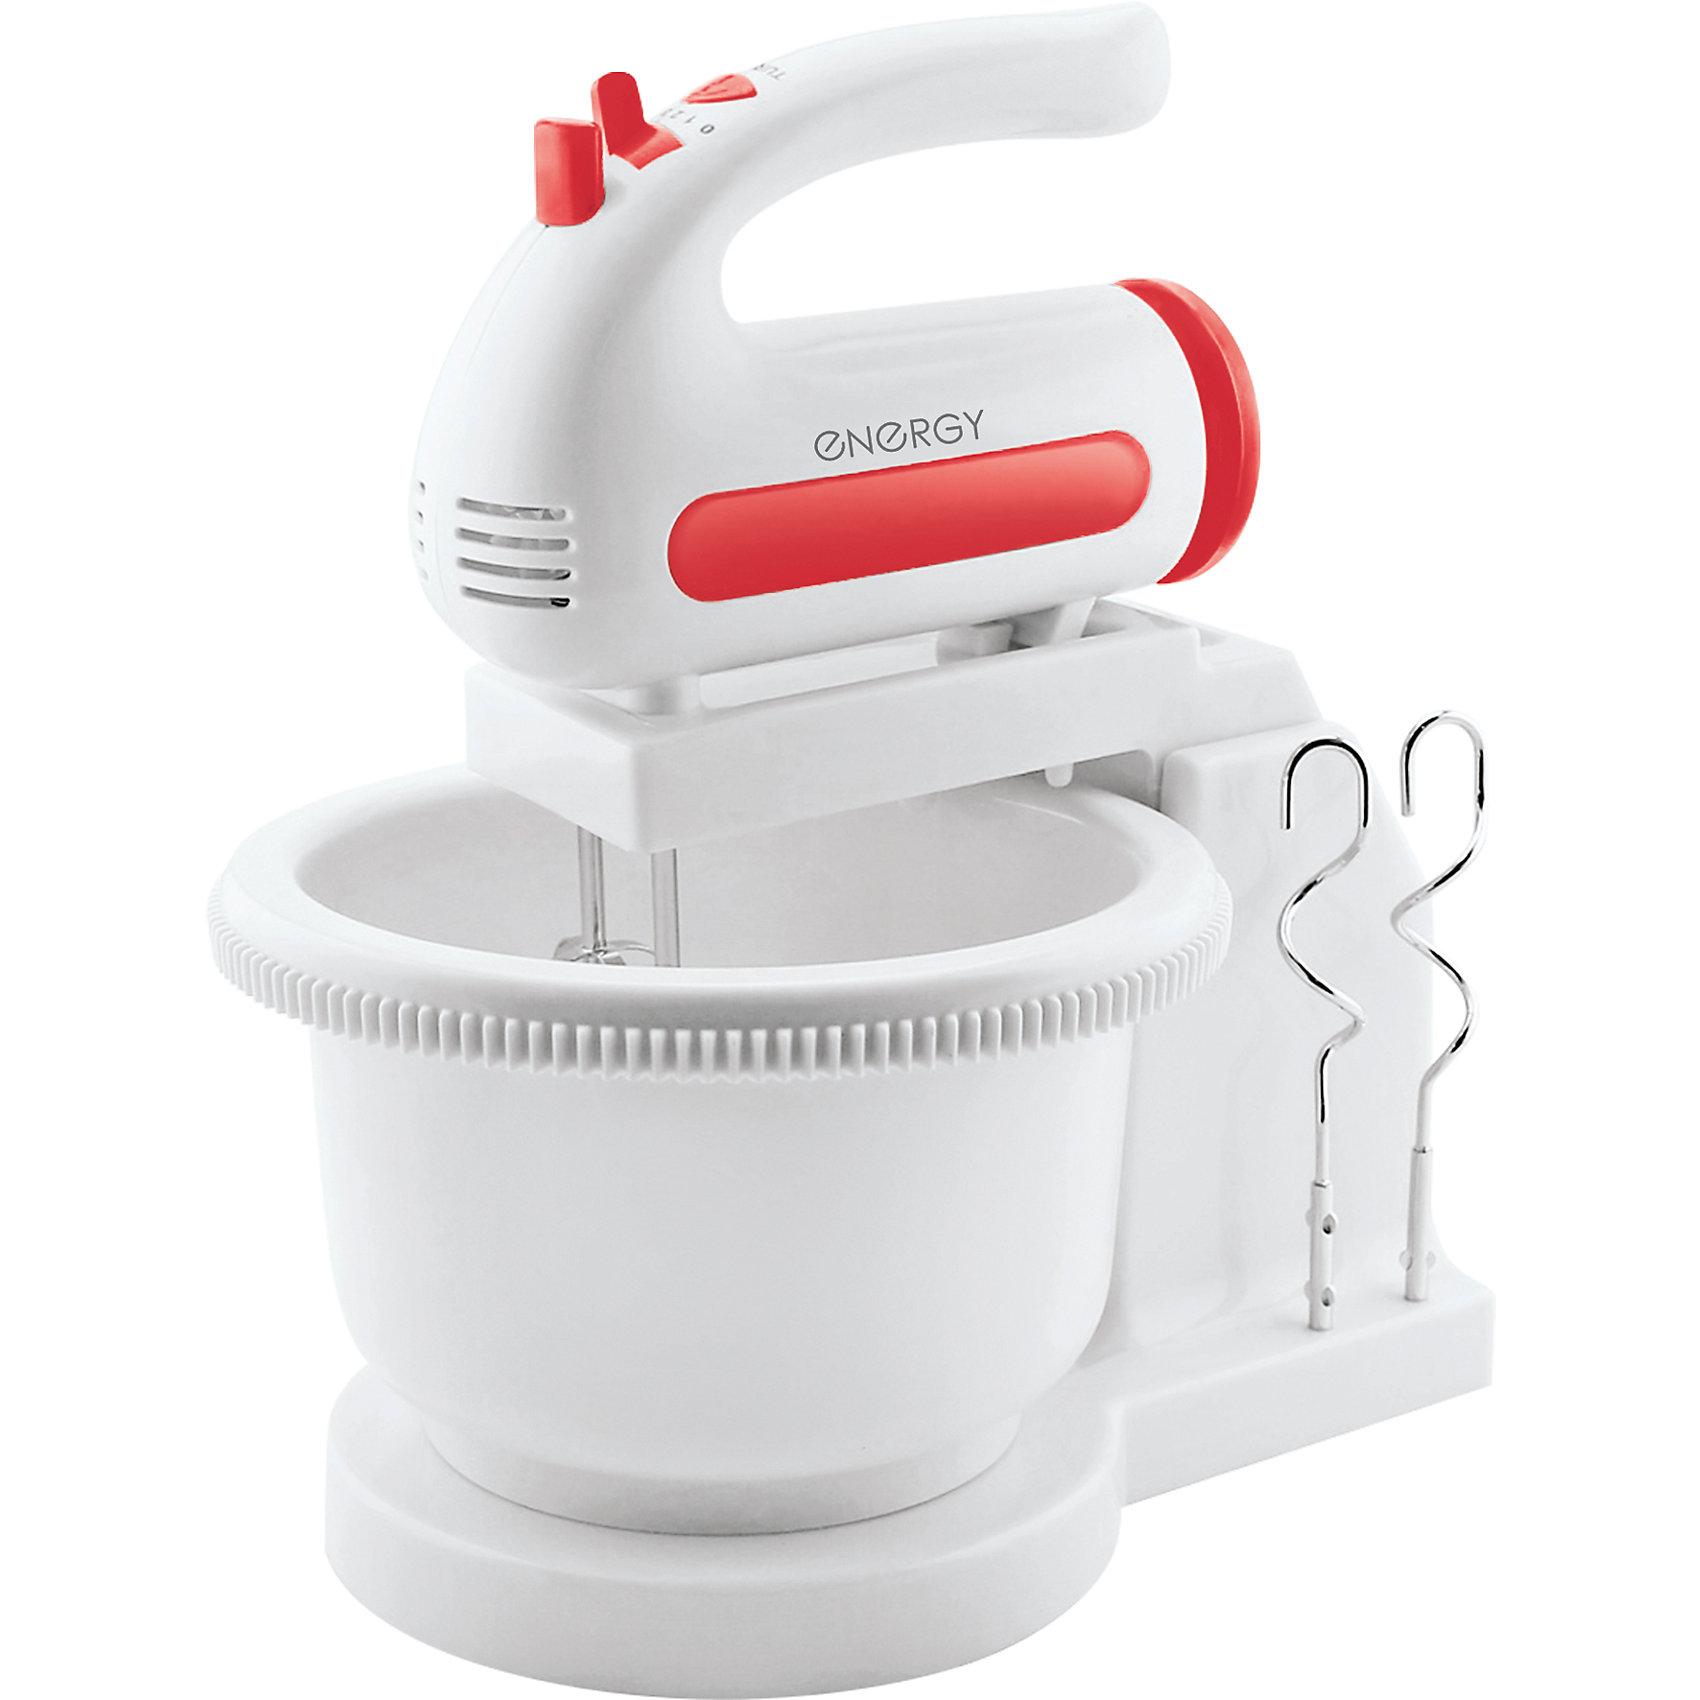 Миксер EN-273 с чашей, ENERGYБытовая техника для кухни<br>Миксер EN-273 с чашей, ENERGY (Энерджи)<br><br>Характеристики:<br><br>• вращающаяся чаша<br>• 5 скоростей<br>• кнопка для отсоединения насадок<br>• режим Турбо<br>• две пары венчиков ( для взбивания и замешивания теста)<br>• отверстия для хранения насадок<br>• объем чаши - 1,5 л<br>• мощность: 200 Вт<br><br>Стационарный миксер EN-273 станет незаменимым помощником на кухне. Миксер с вращающейся чашей позволит вам заниматься своими делами, пока готовится тесто, крем или другие продукты. В комплект входят две пары венчиков. Первая пара предназначена для взбивания, а вторая для замешивания теста. Основание миксера оснащено специальными отверстиями для хранения неиспользуемых венчиков. Миксер имеет 5 скоростей, режим Турбо. Объем чаши составляет 1,5 литра. С этим миксером вы сможете значительно облегчить процесс приготовления блюд.<br><br>Миксер EN-273 с чашей, ENERGY (Энерджи) вы можете купить в нашем интернет-магазине.<br><br>Ширина мм: 330<br>Глубина мм: 240<br>Высота мм: 200<br>Вес г: 1647<br>Возраст от месяцев: 216<br>Возраст до месяцев: 1188<br>Пол: Унисекс<br>Возраст: Детский<br>SKU: 5454013